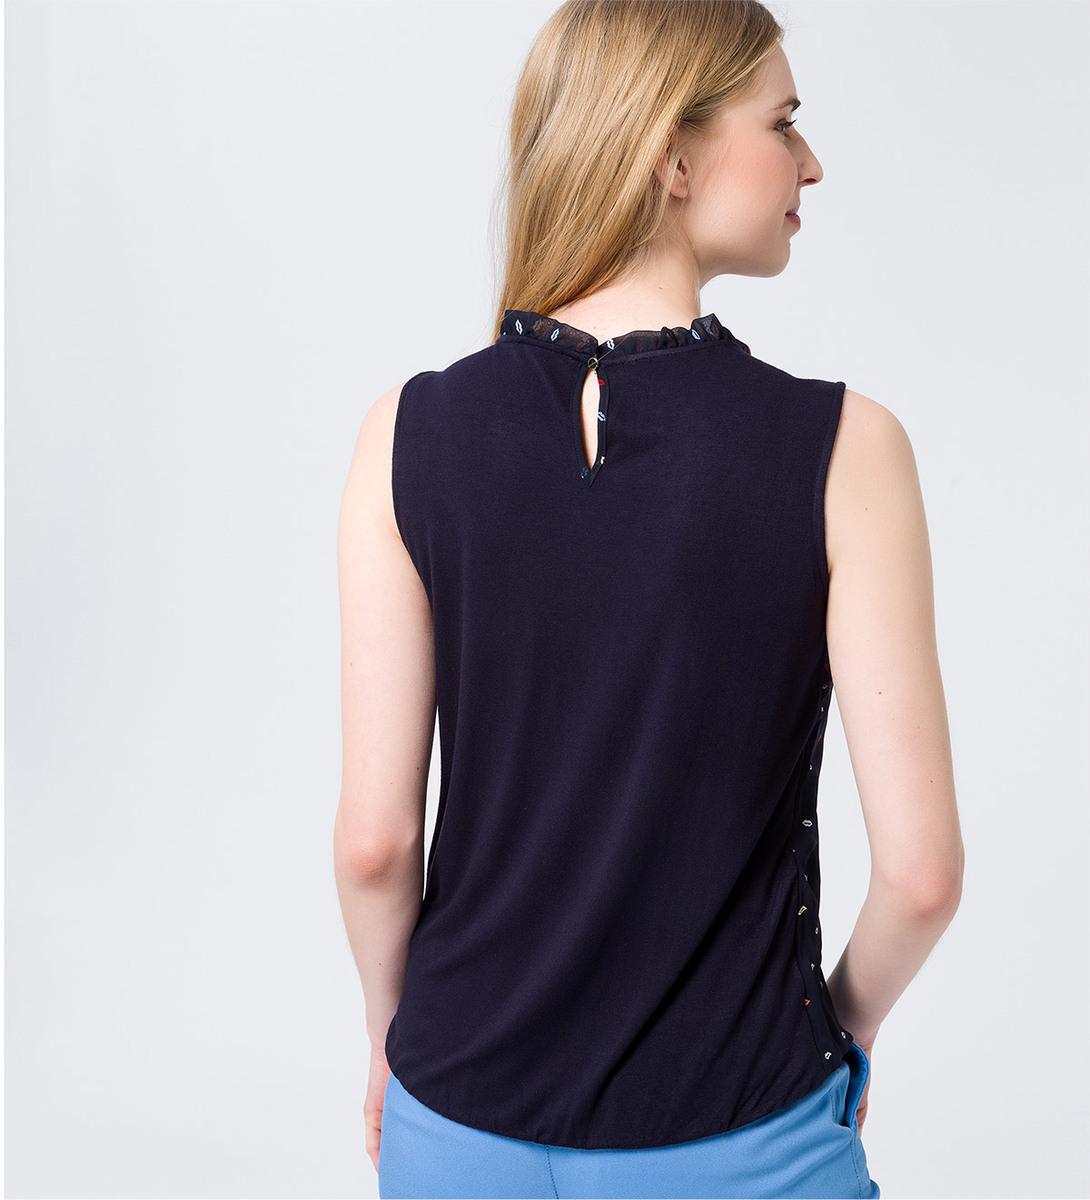 Bluse mit Raffung am Ausschnitt in blue black